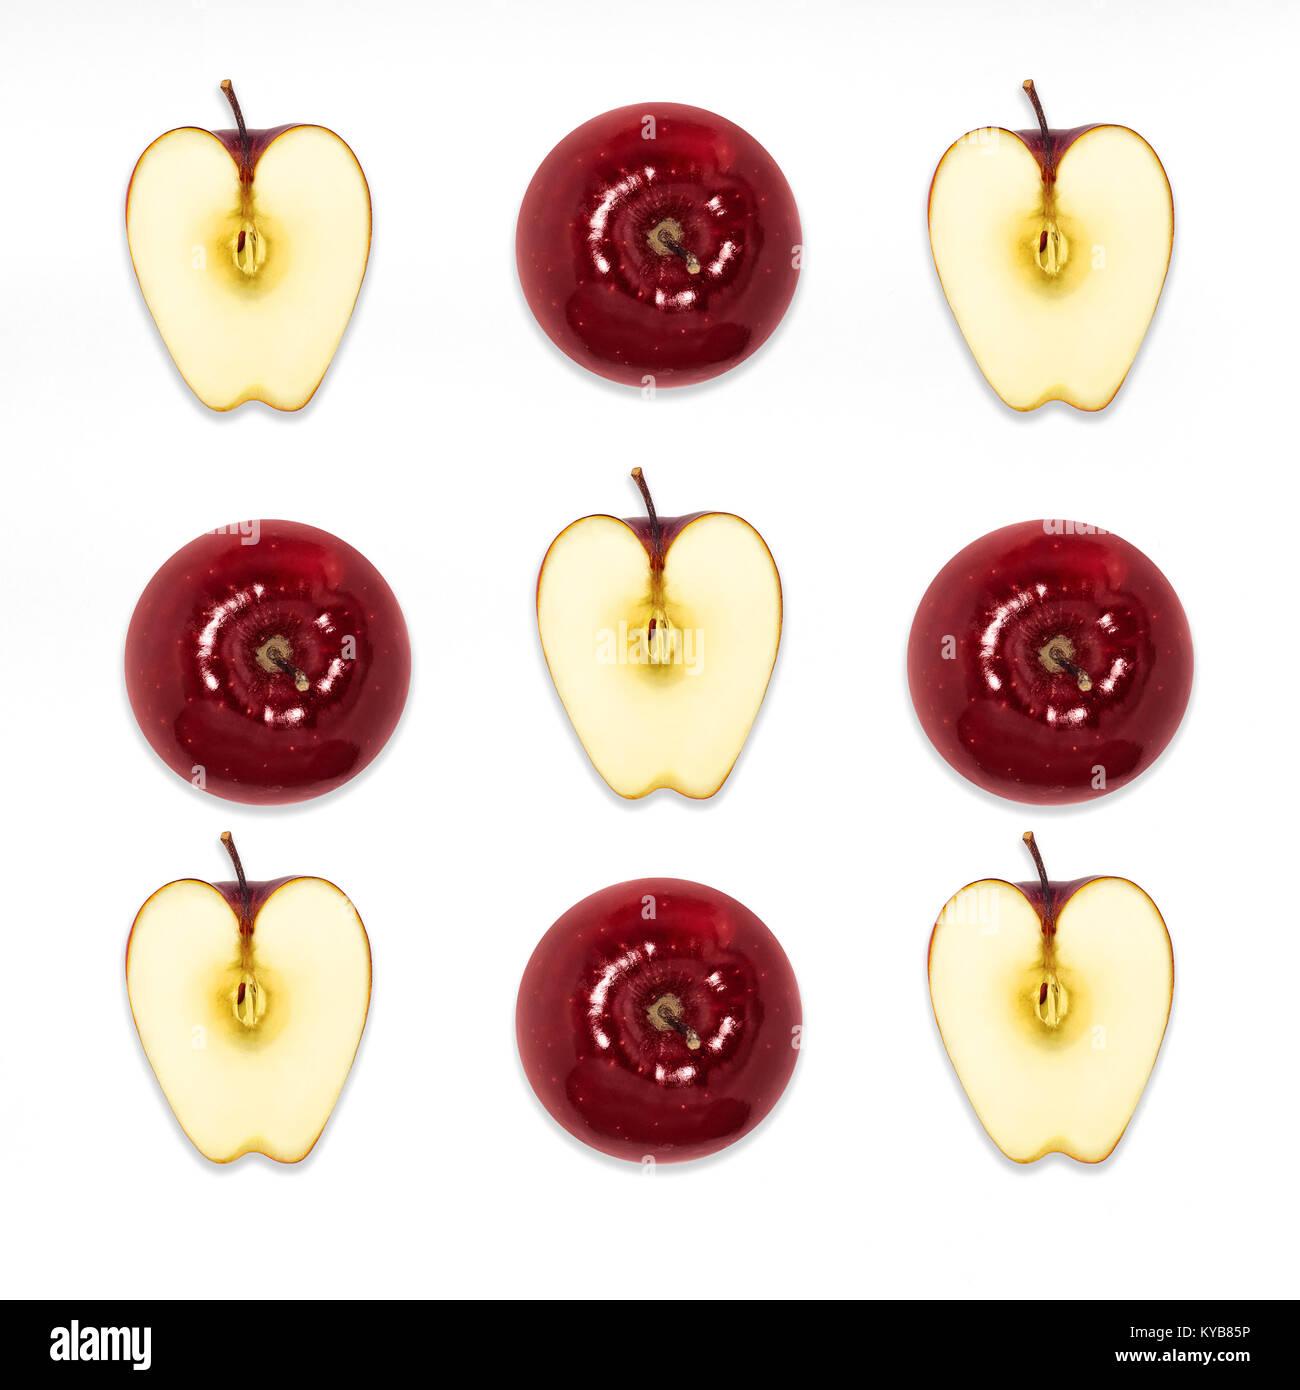 Red apple top view Pattern con tutta la succosa mela rossa e metà delle mele su uno sfondo bianco piatto isolato Immagini Stock